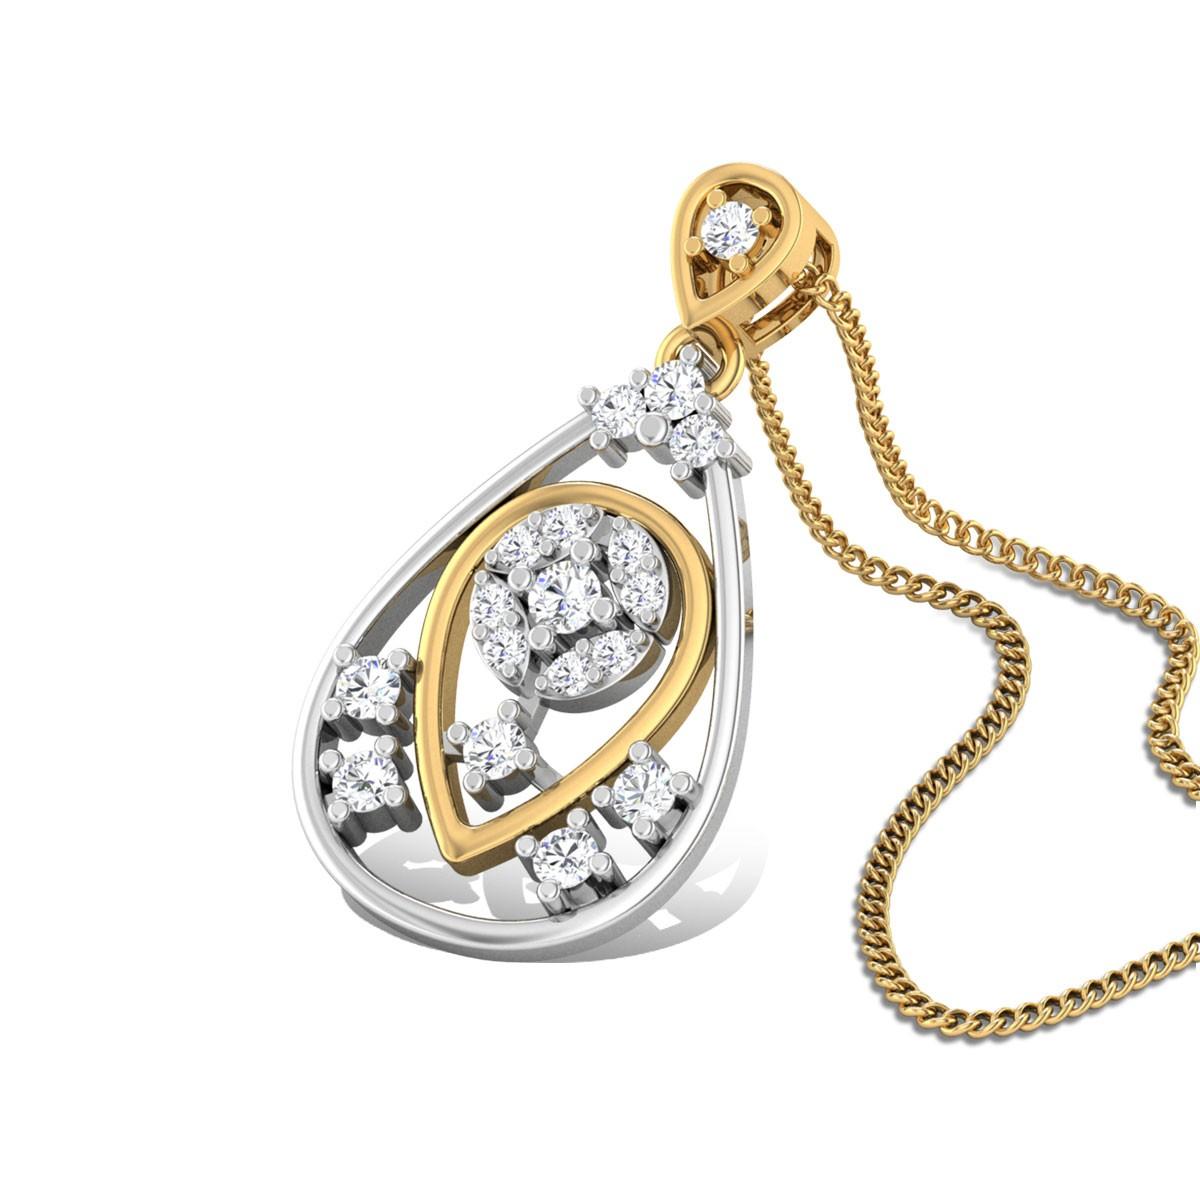 Junia Diamond Pendant